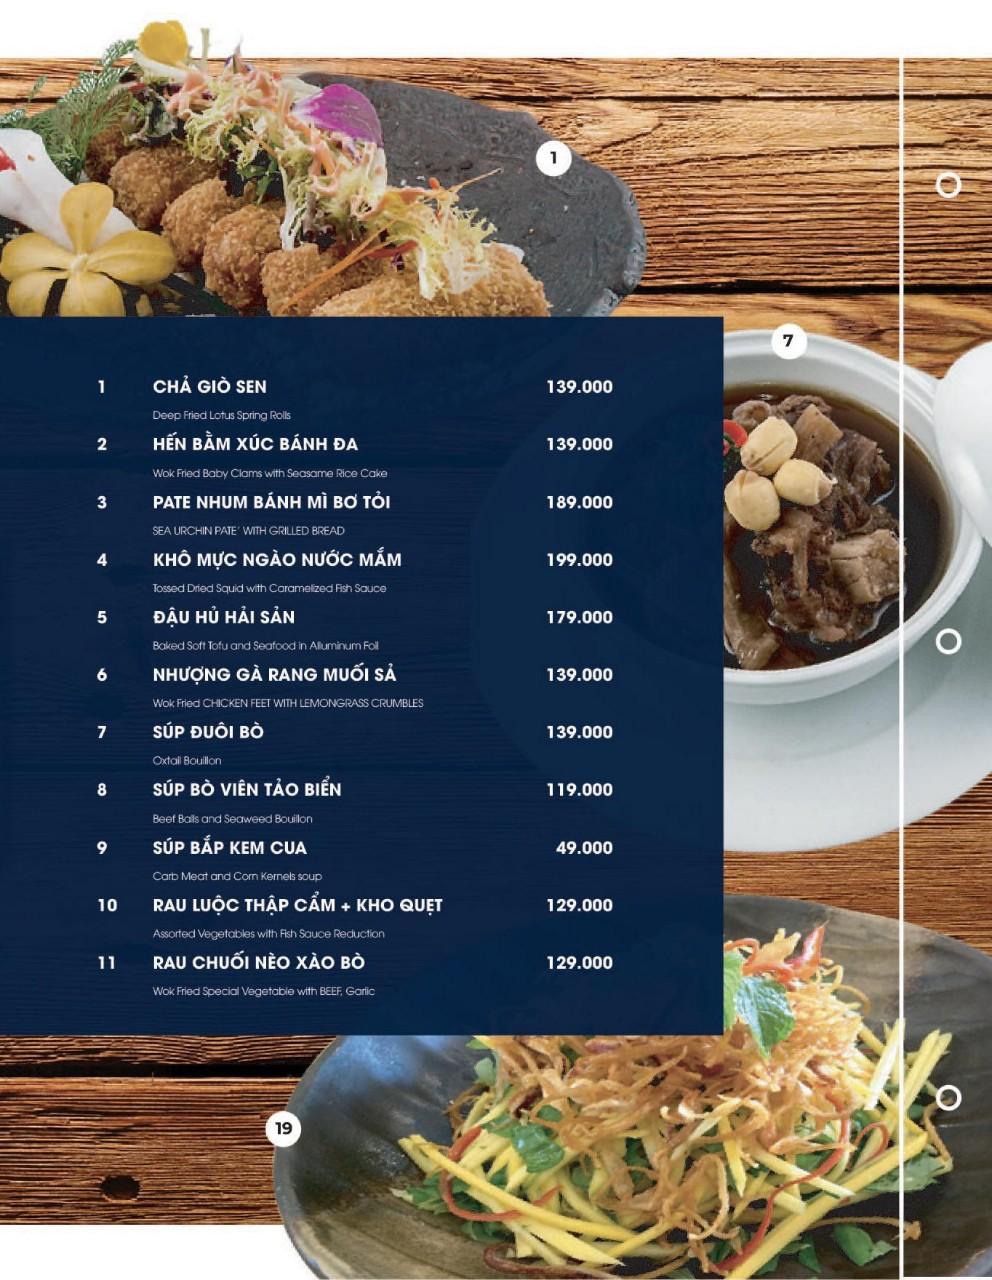 Menu Cột Điện Kitchen – Đồng Nai 2